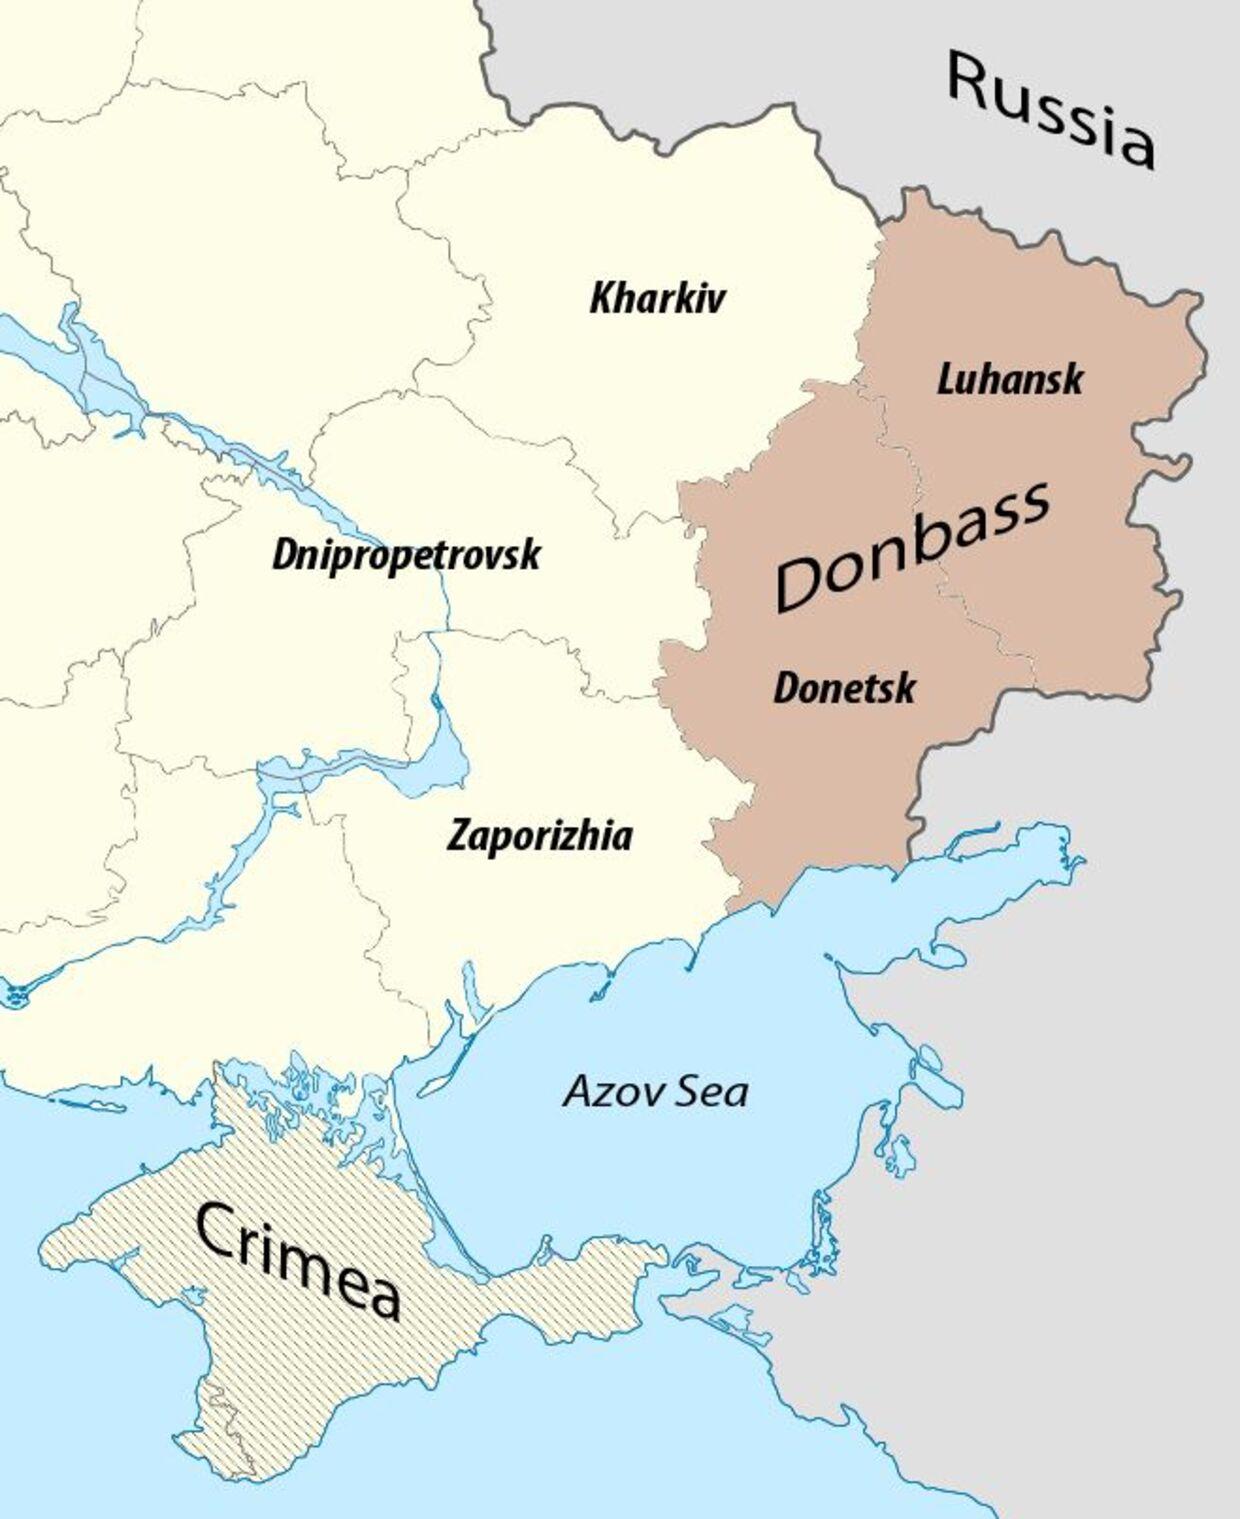 Den østlige Donbas-region i Ukraine har i mange år været besat af prorussiske styrker.